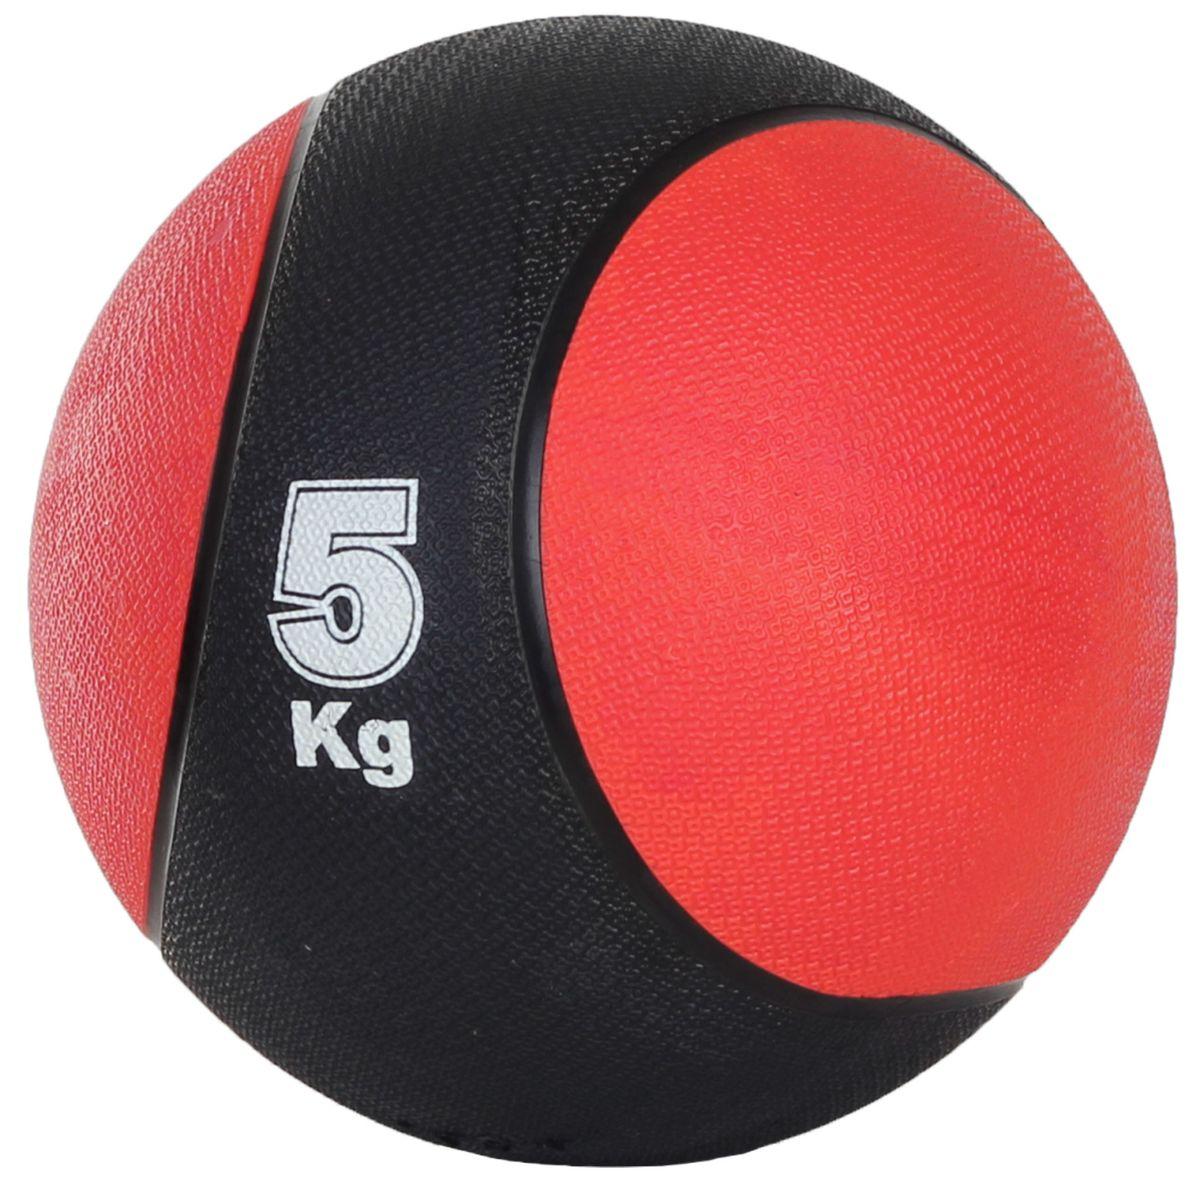 Медицинбол Start Up MBR5, цвет: черный, красный, 5 кг, 24 см290262Медицинбол Start Up MBR5 - тренировочный мяч, который прекрасно подходит для занятий фитнесом, аэробикой или ЛФК (лечебной физкультурой). Шероховатая поверхность не дает ему выскользнуть из рук. Предназначен для укрепления мышц плечевого пояса, спины, рук и ног. Мяч выполнен из резины, наполнен также резиной.Йога: все, что нужно начинающим и опытным практикам. Статья OZON Гид